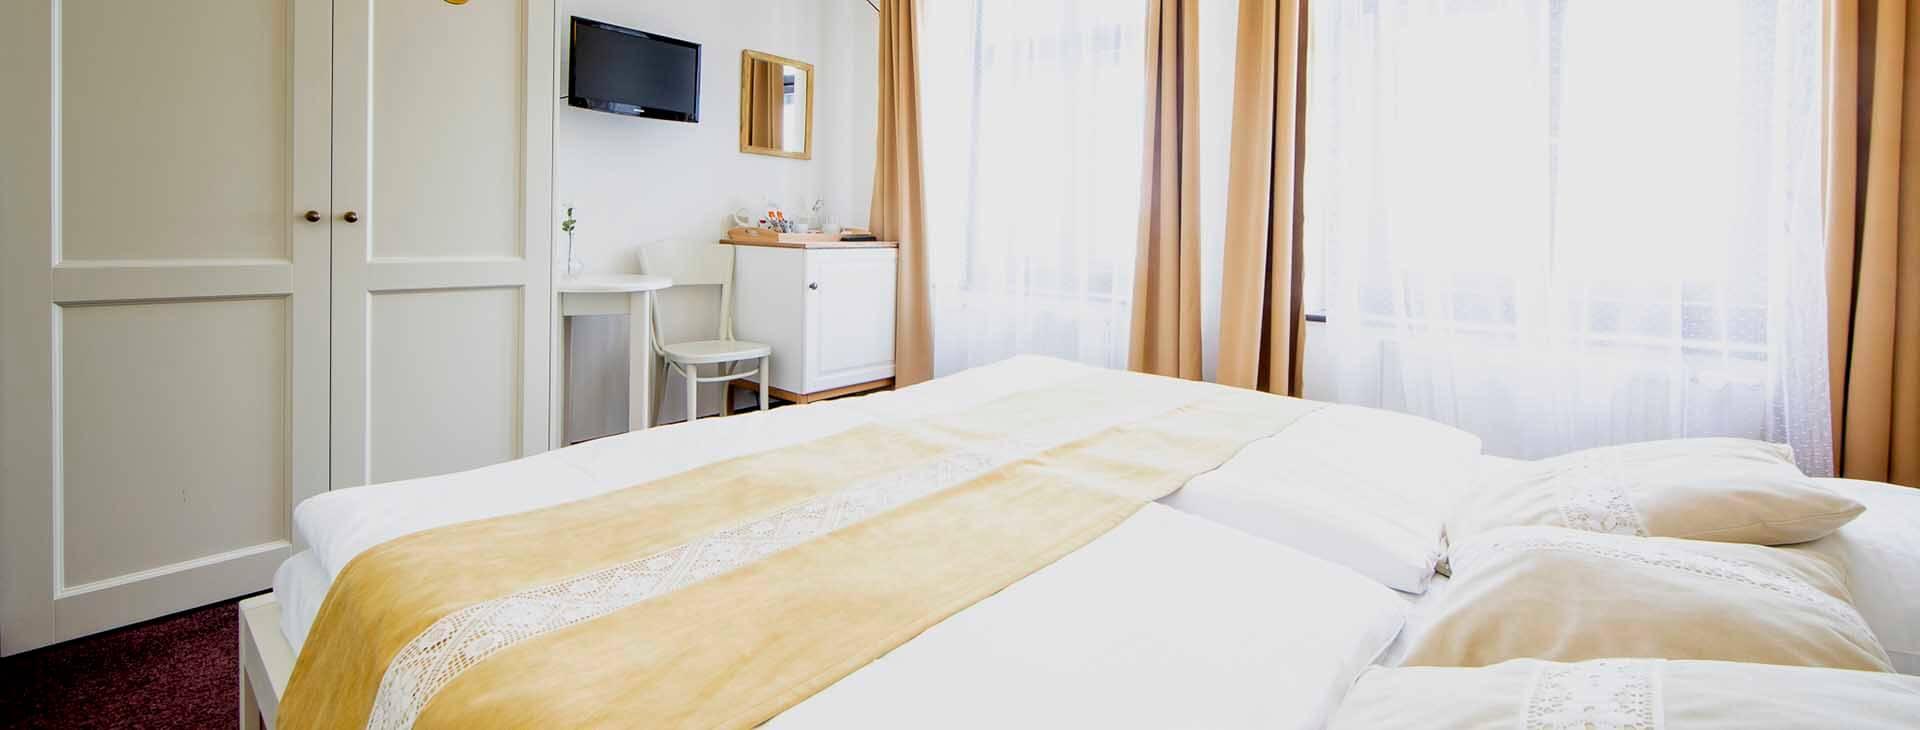 amadeus hotel prague double room